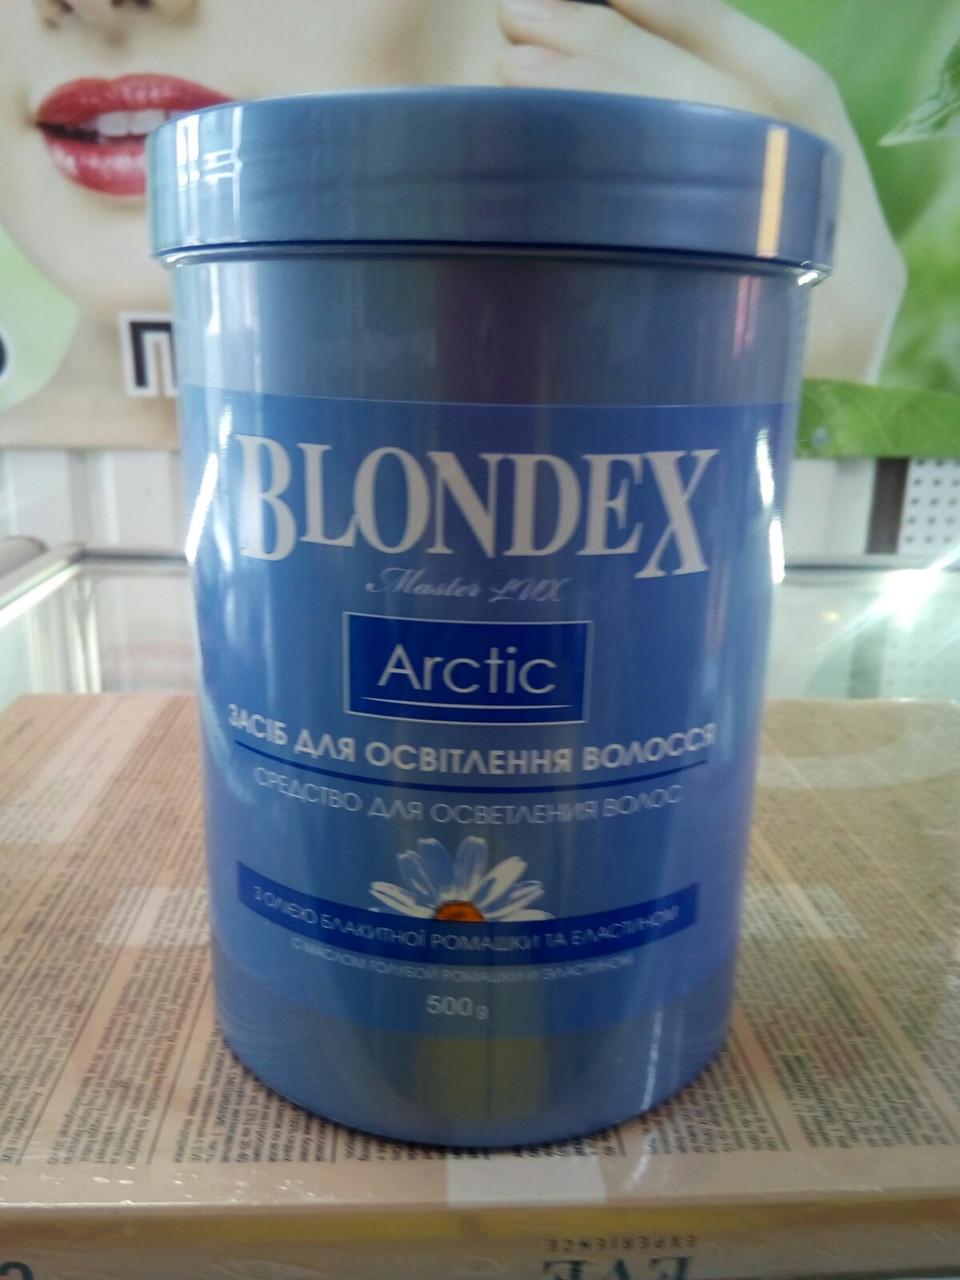 Blondex_Supermash_Засіб для освітлення волосся _Arctic_500 г